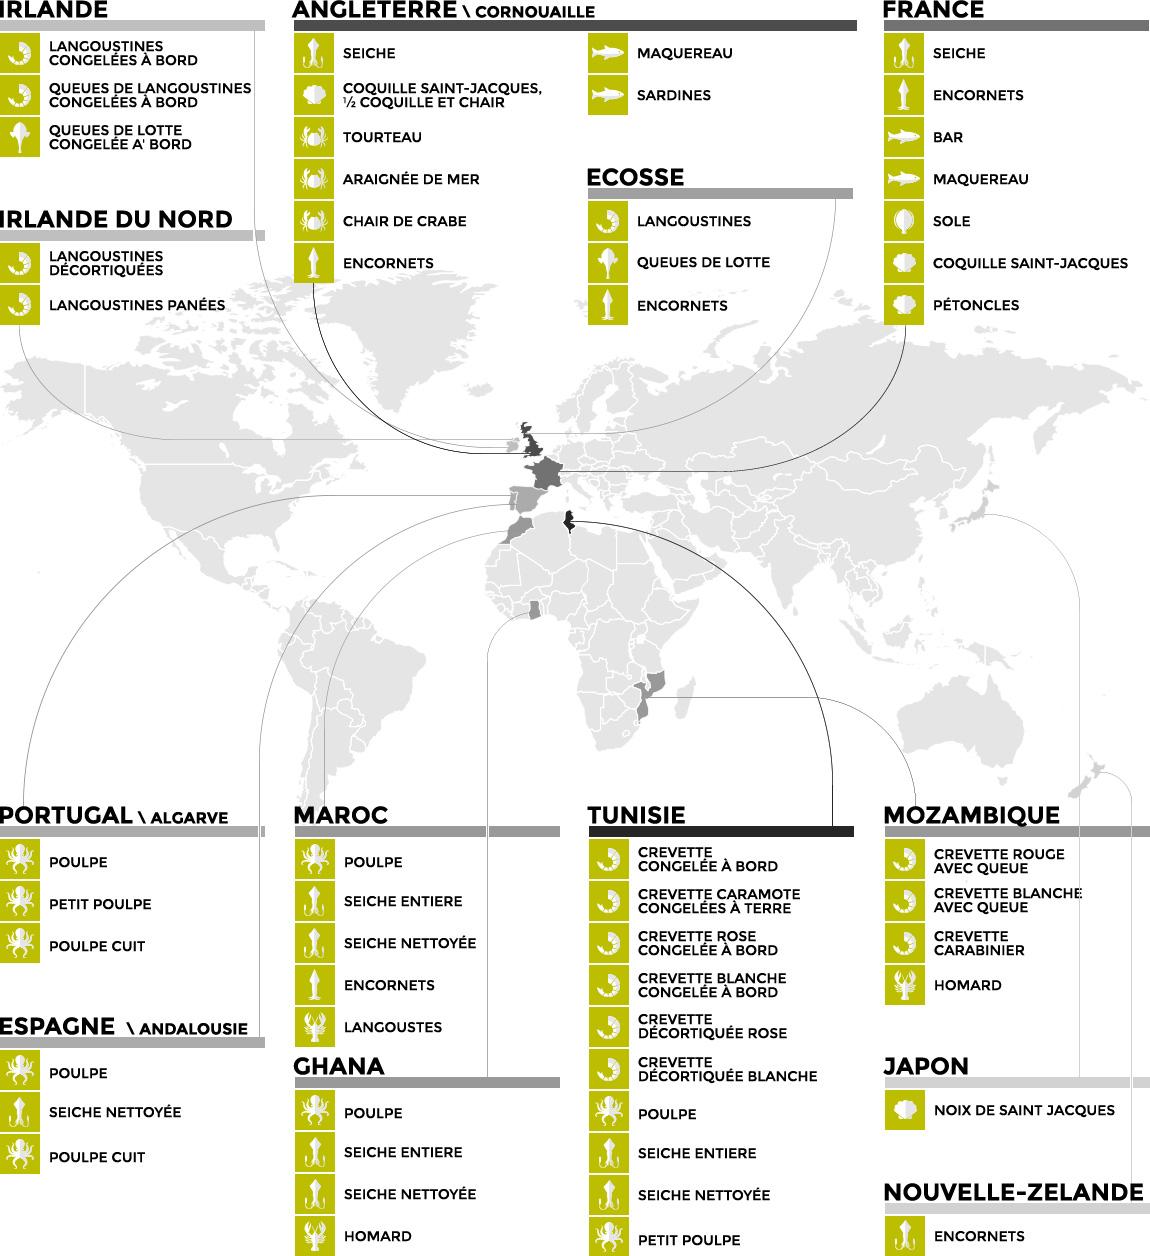 infografica_origine_FRA